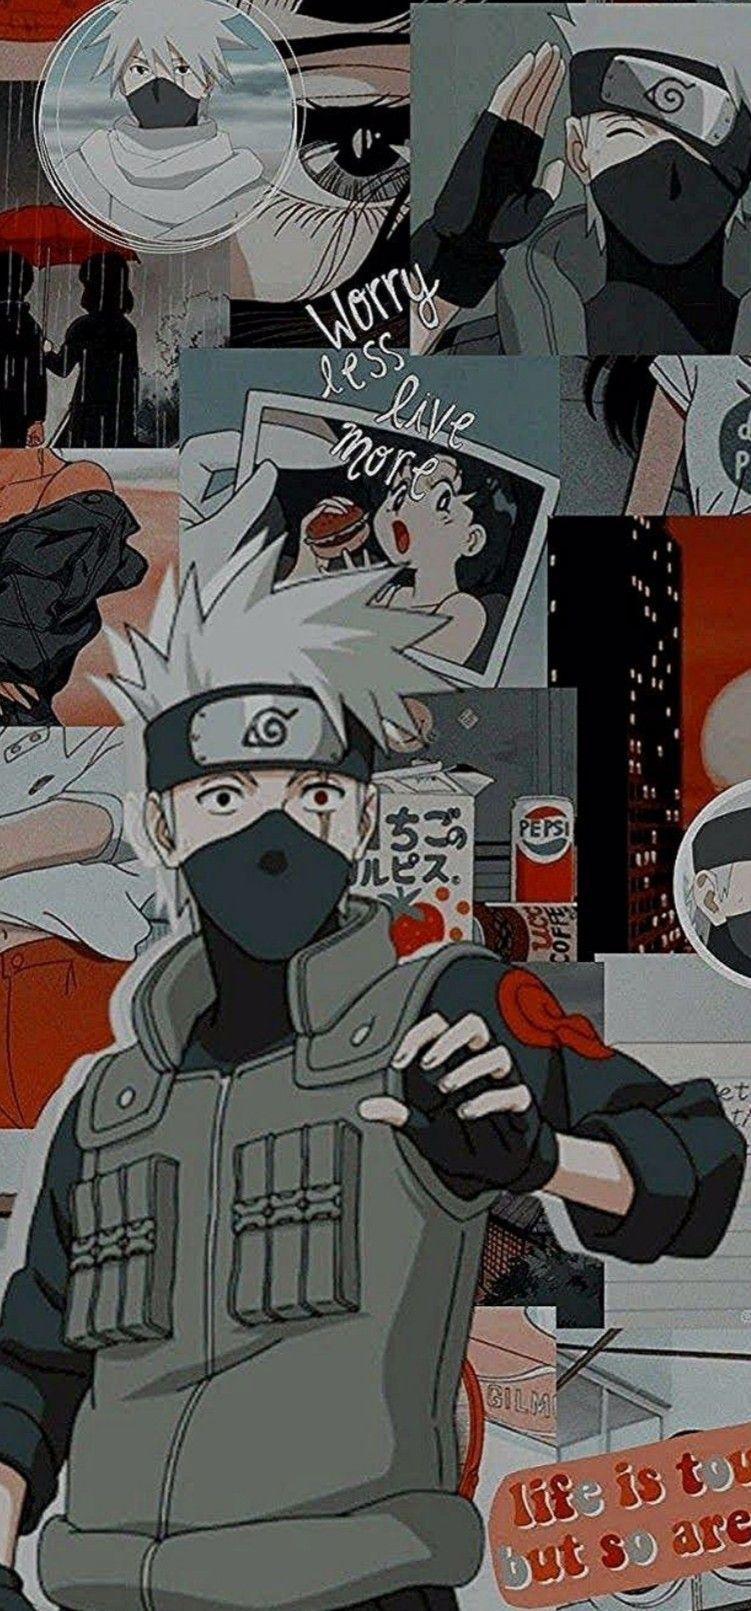 Pin by Bestielo on Fond d'écran in 2020 Naruto kakashi